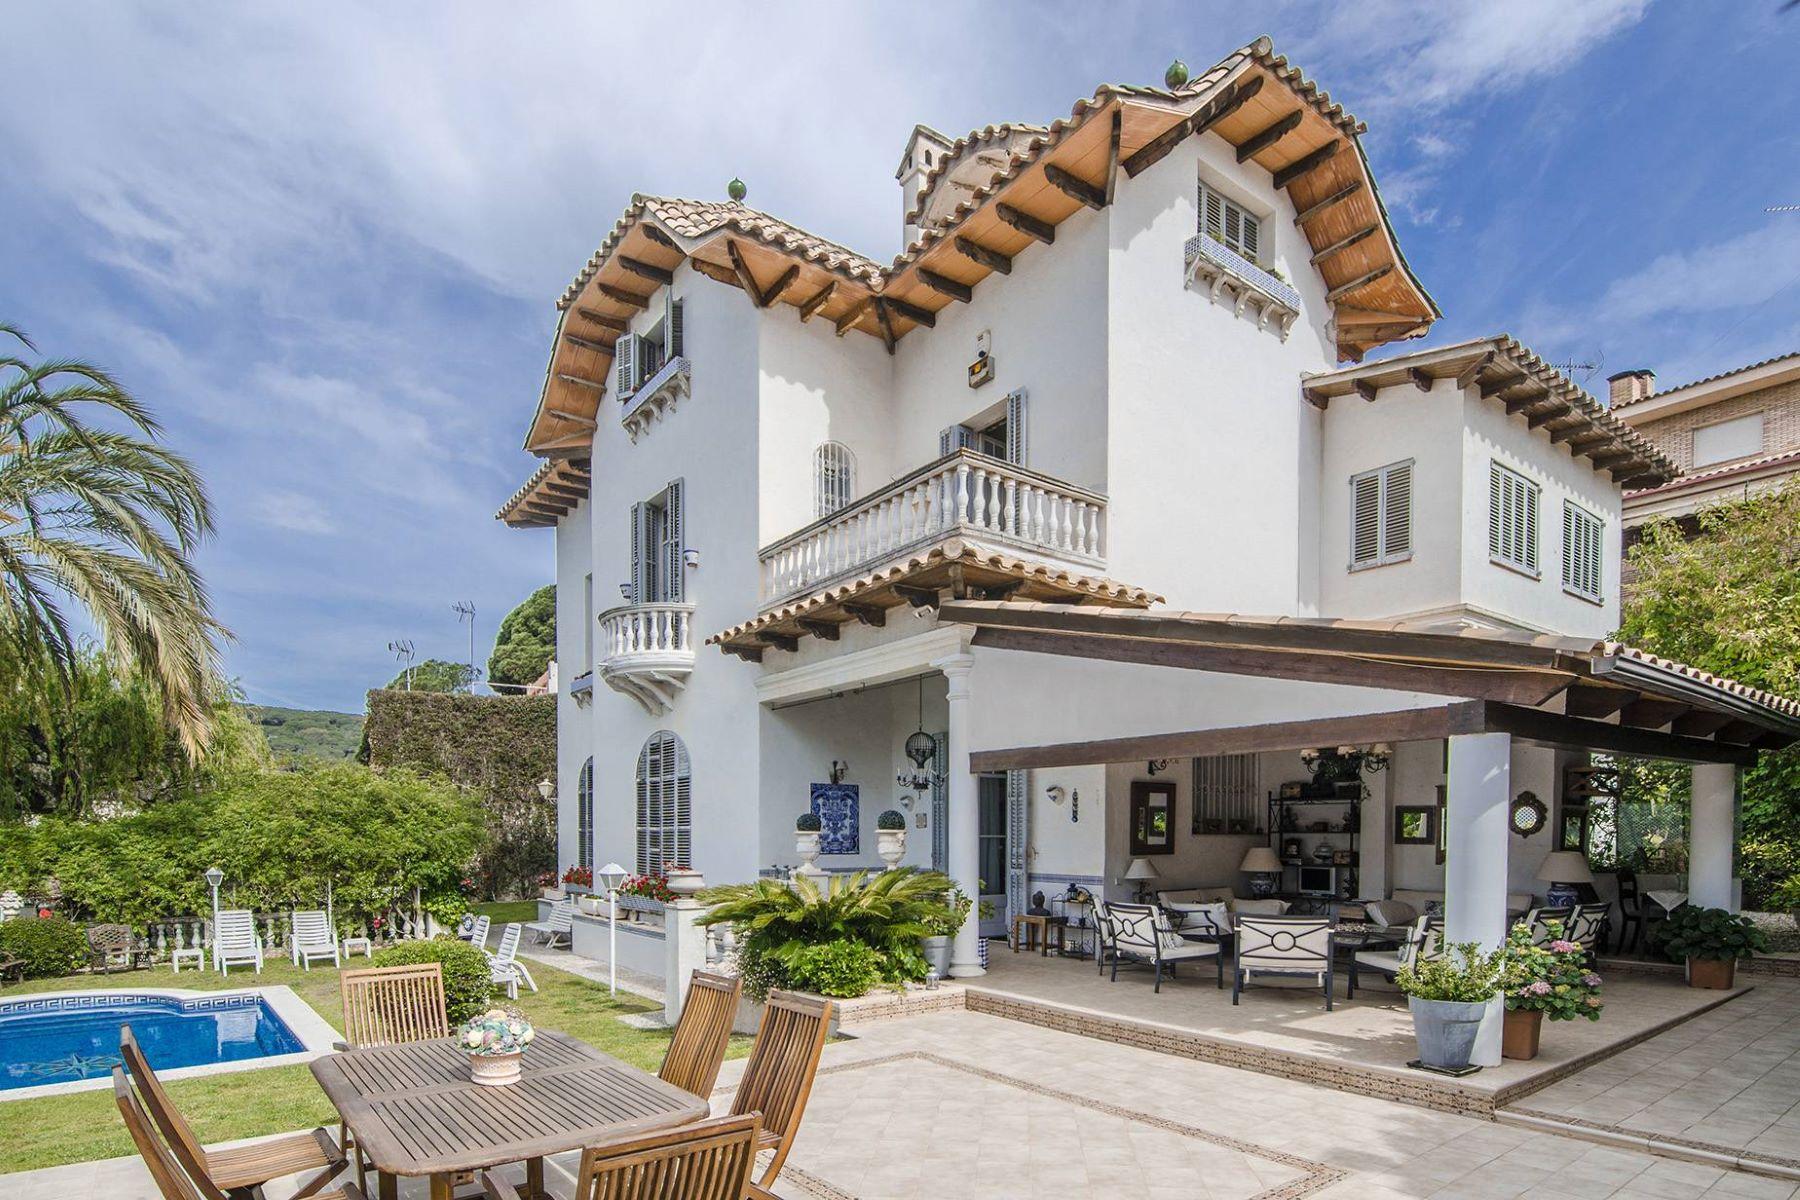 Casa Unifamiliar por un Venta en Majestic Mansion with a Modernist Soul in LLavaneras Sant Andreu De Llavaneres, Barcelona, 08392 España